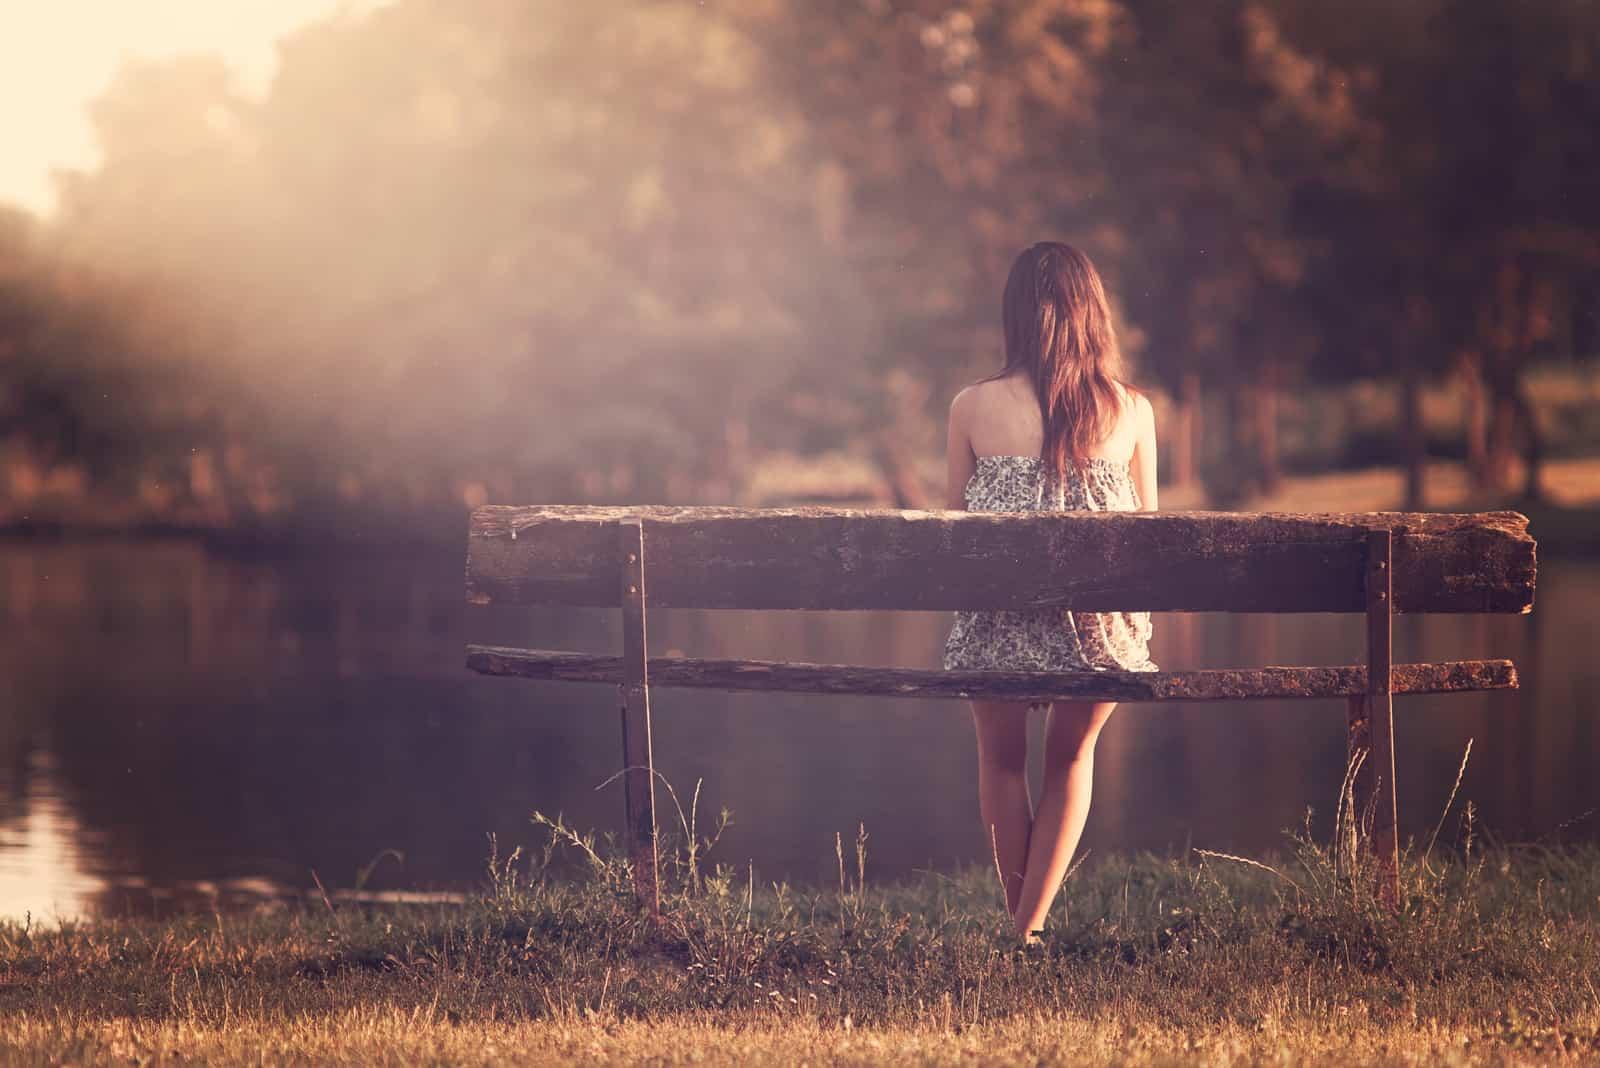 la femme est assise sur un banc